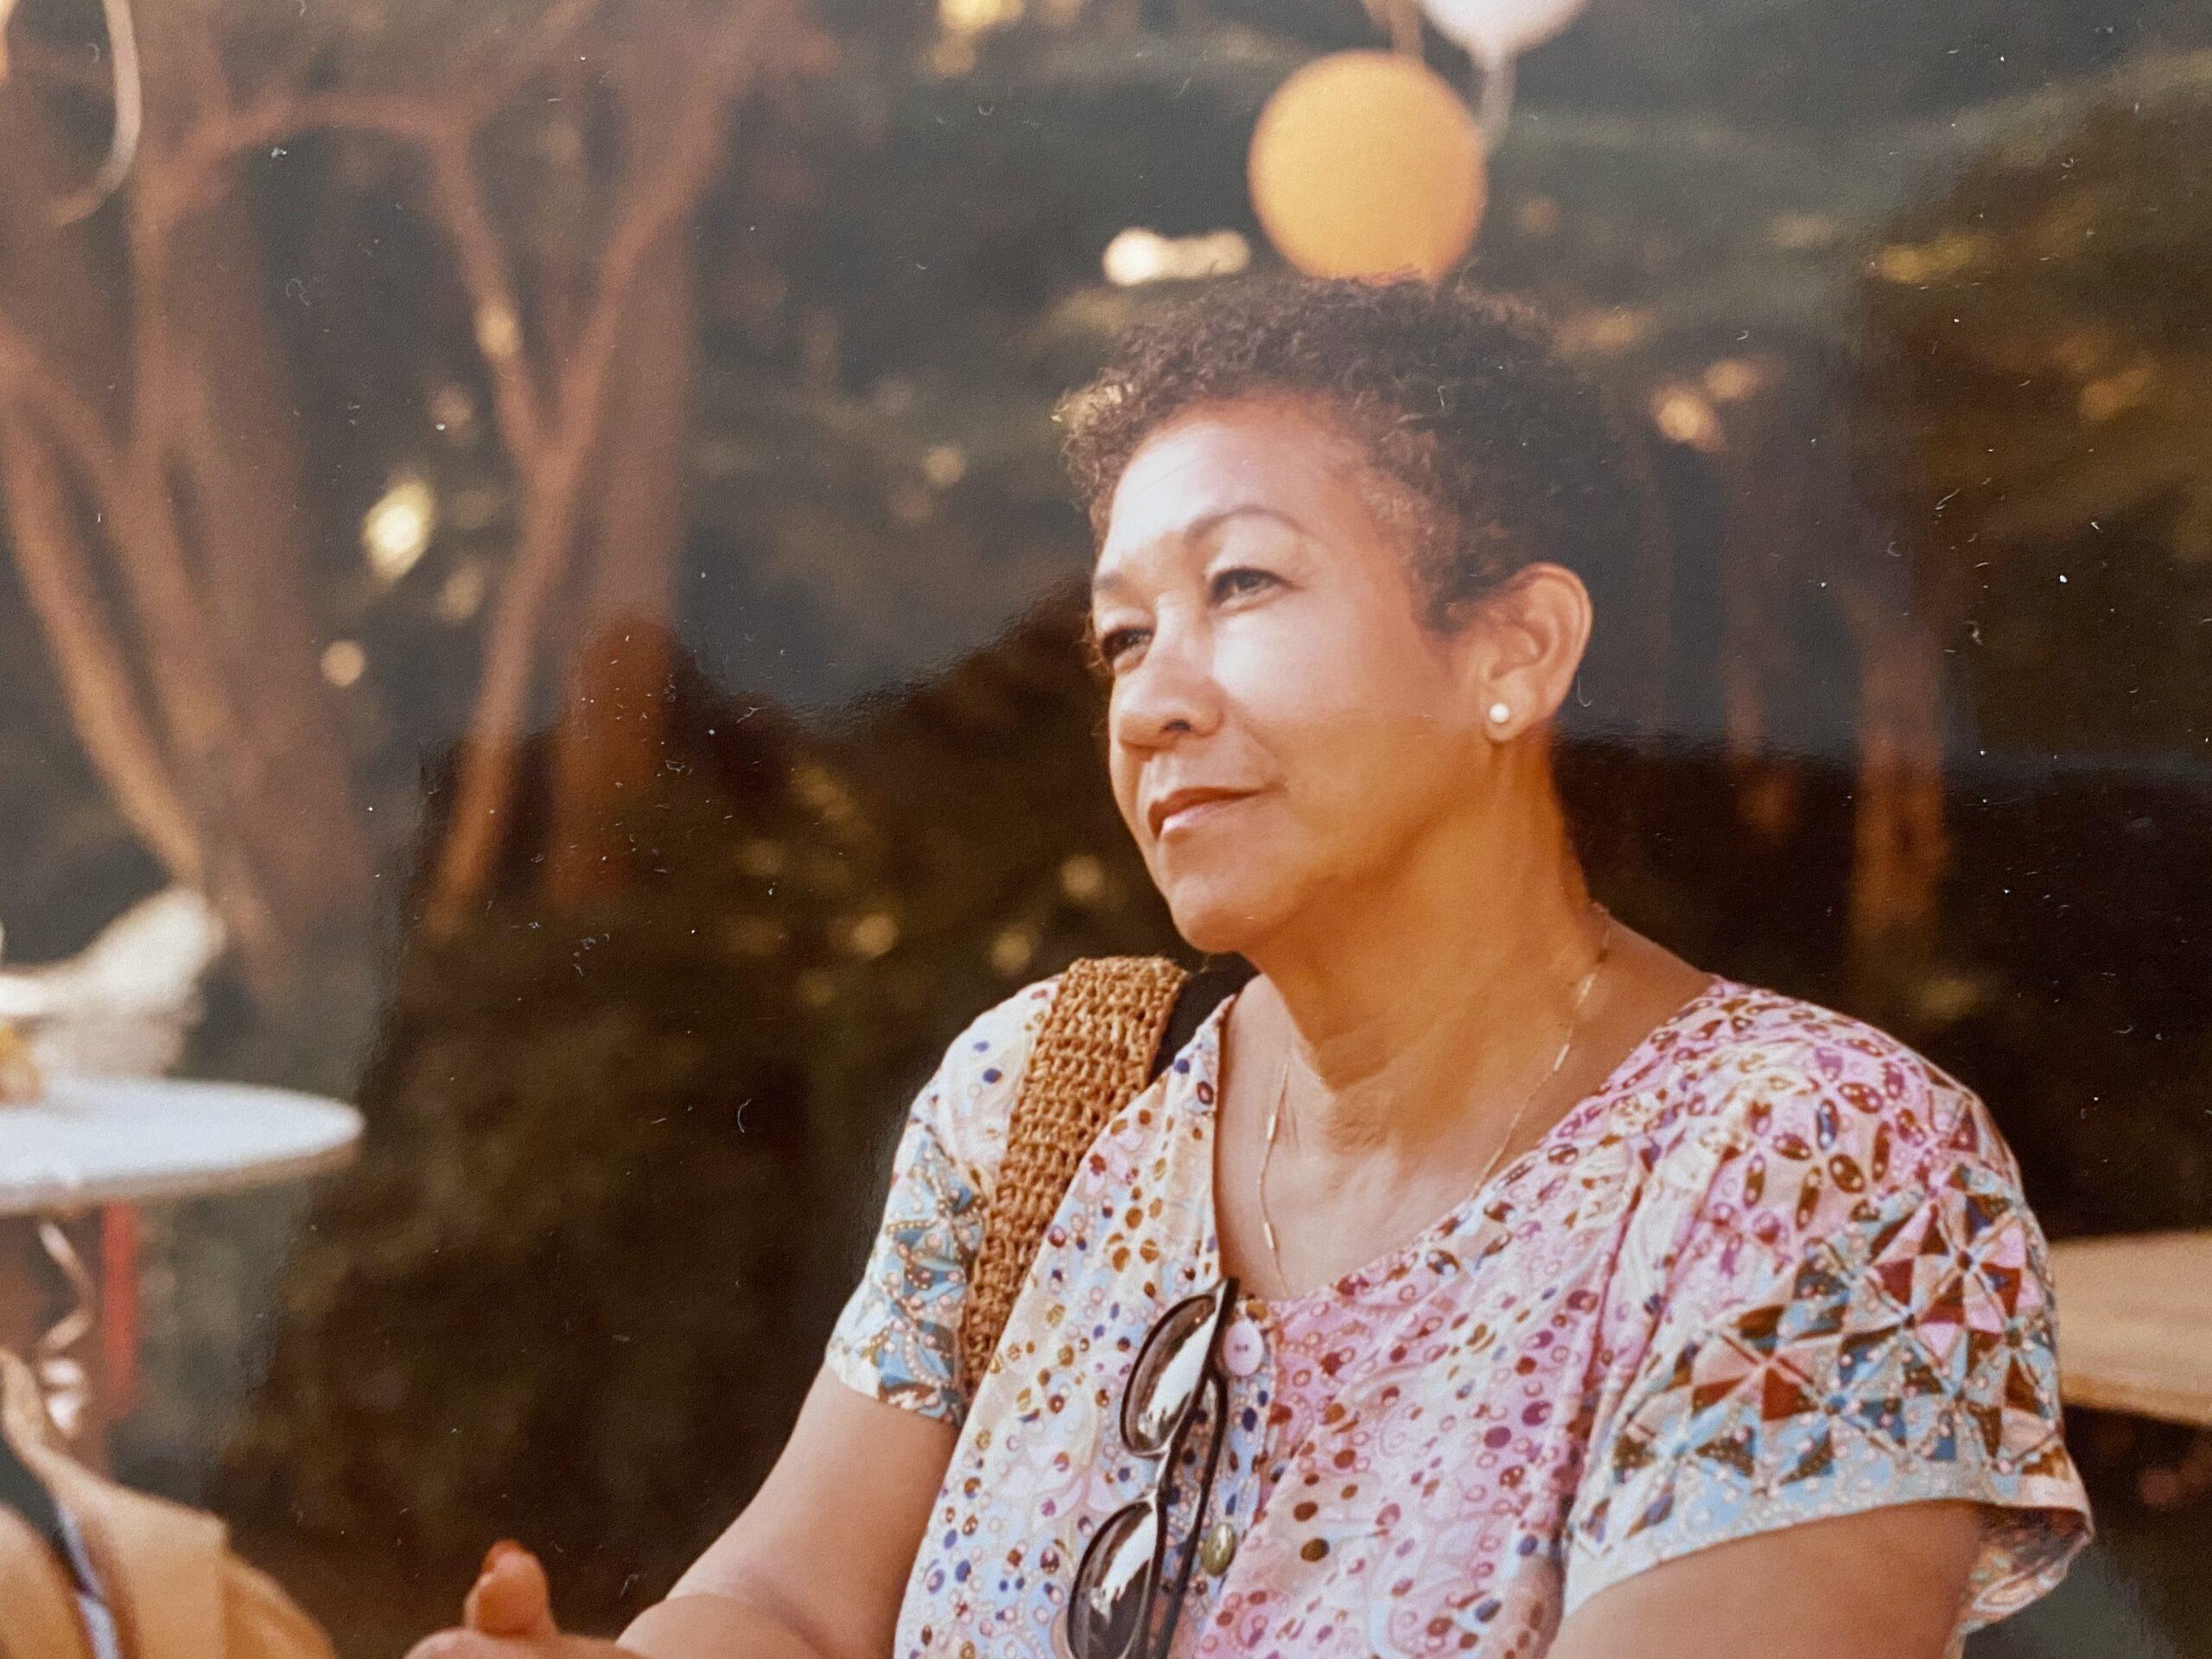 Deanna Balfour Obituary